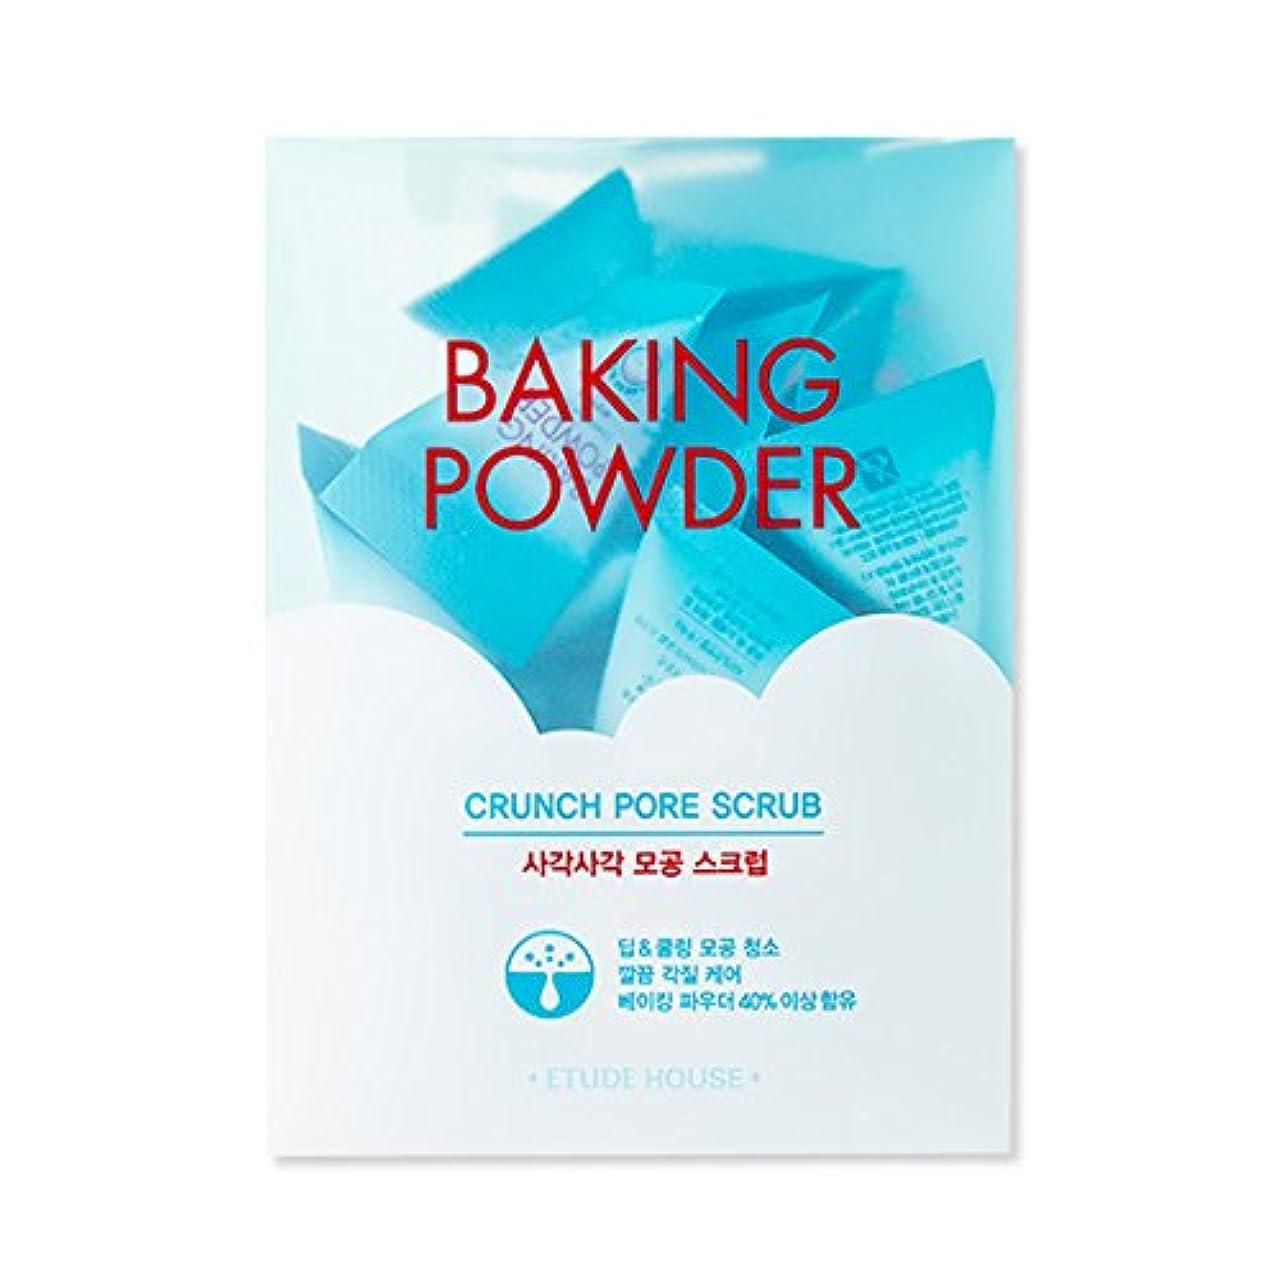 コインちっちゃい面積[2016 Upgrade!] ETUDE HOUSE Baking Powder Crunch Pore Scrub 7g×24ea/エチュードハウス ベーキング パウダー クランチ ポア スクラブ 7g×24ea [並行輸入品]